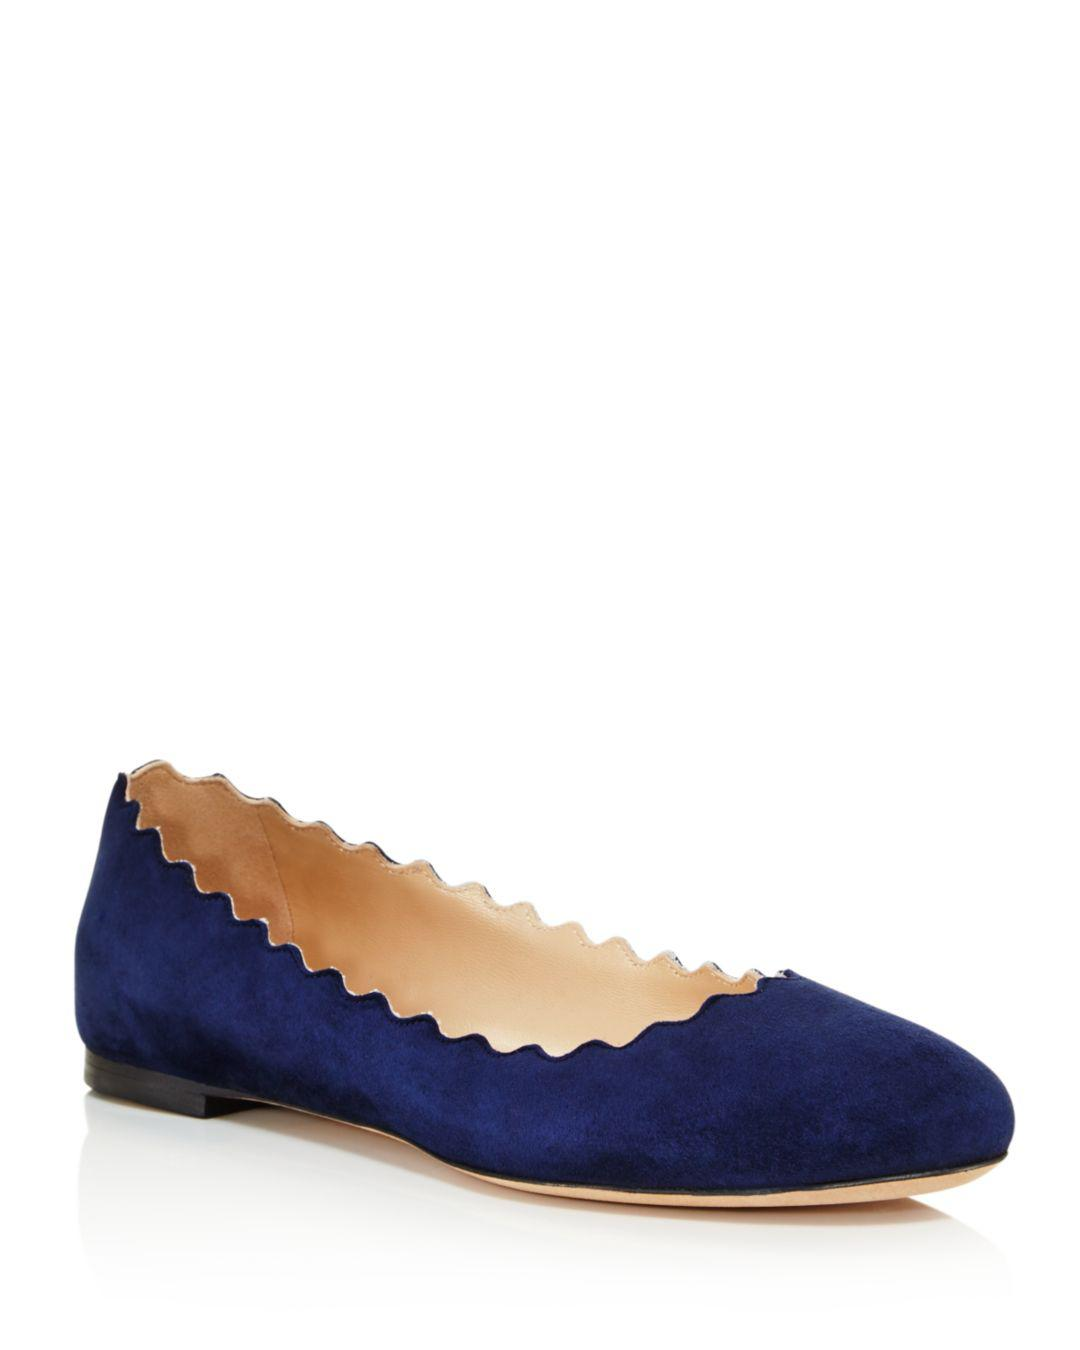 4a13f869a71 Chloé Women s Lauren Scalloped Ballet Flats in Blue - Save 1% - Lyst